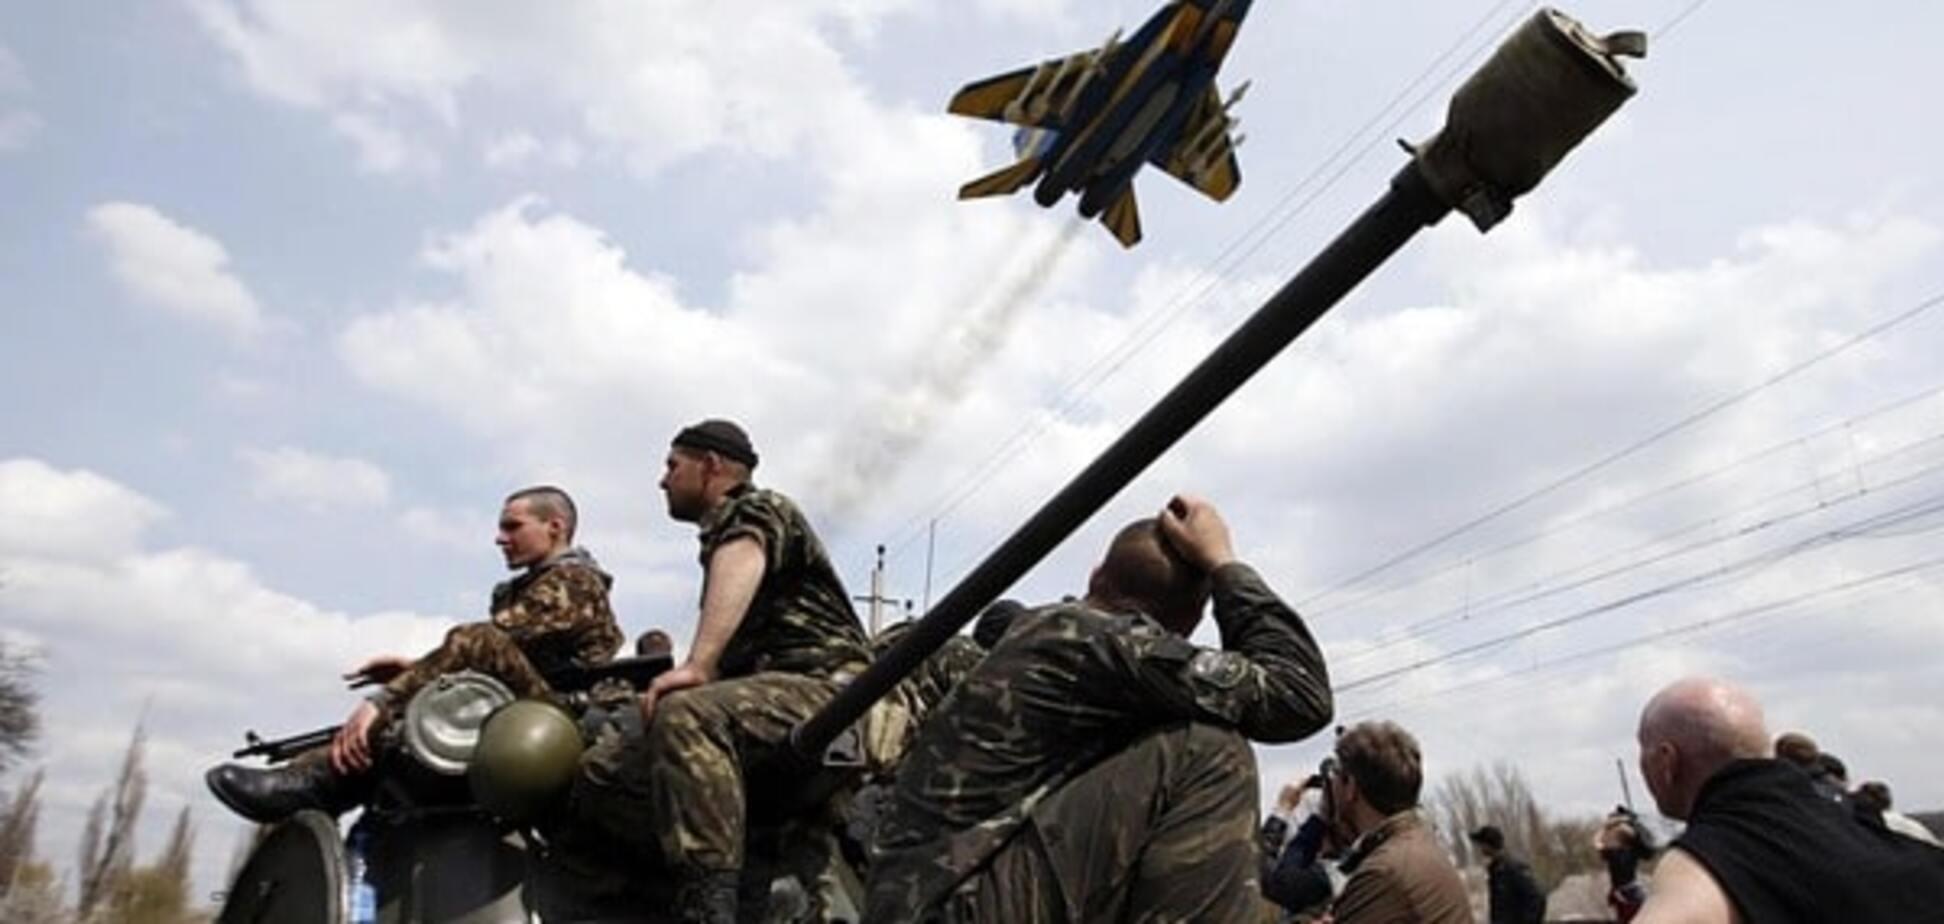 Зарплаты военных: украинцы на войне зарабатывают в разы меньше россиян в мирное время. Инфографика